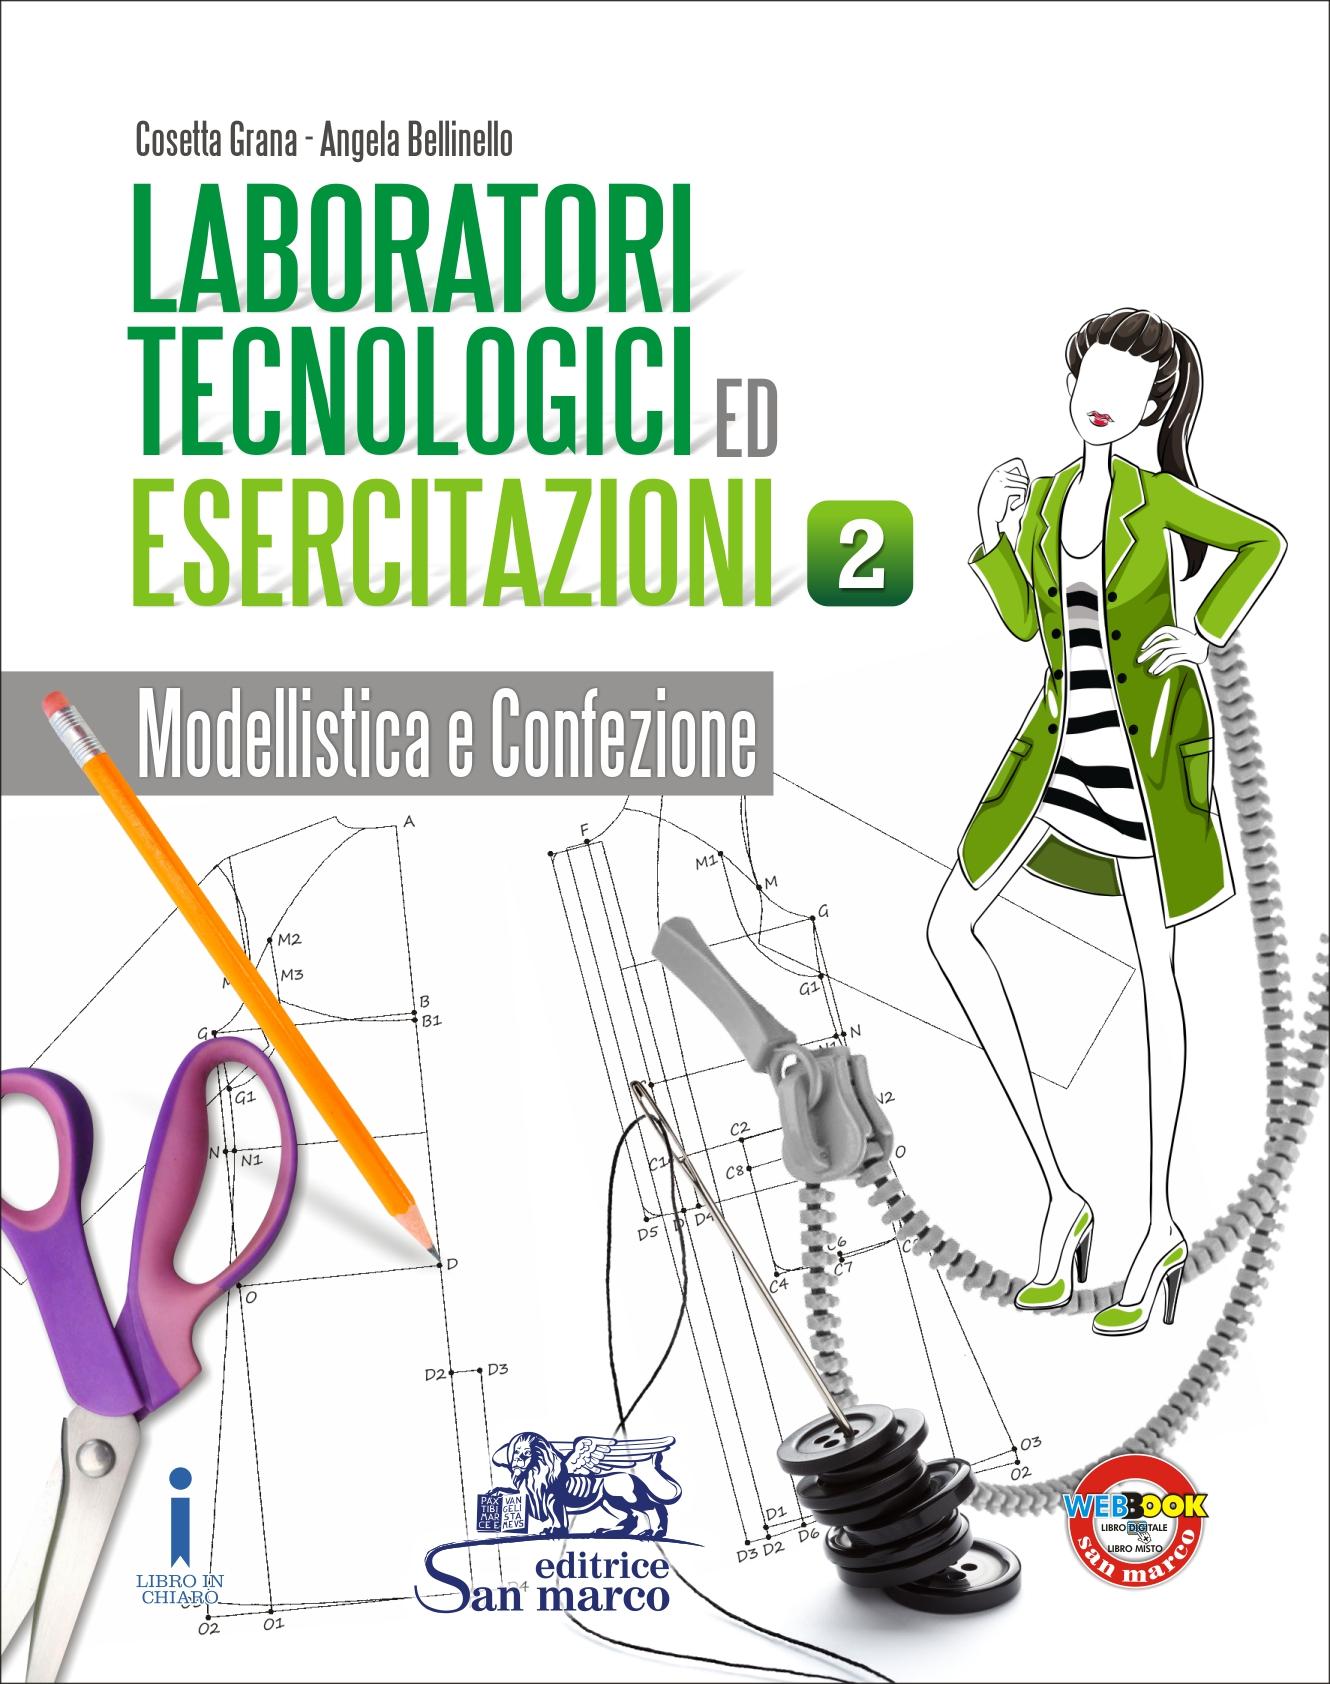 Laboratori Tecnologici ed Esercitazioni 2 - Modellistica e Confezione